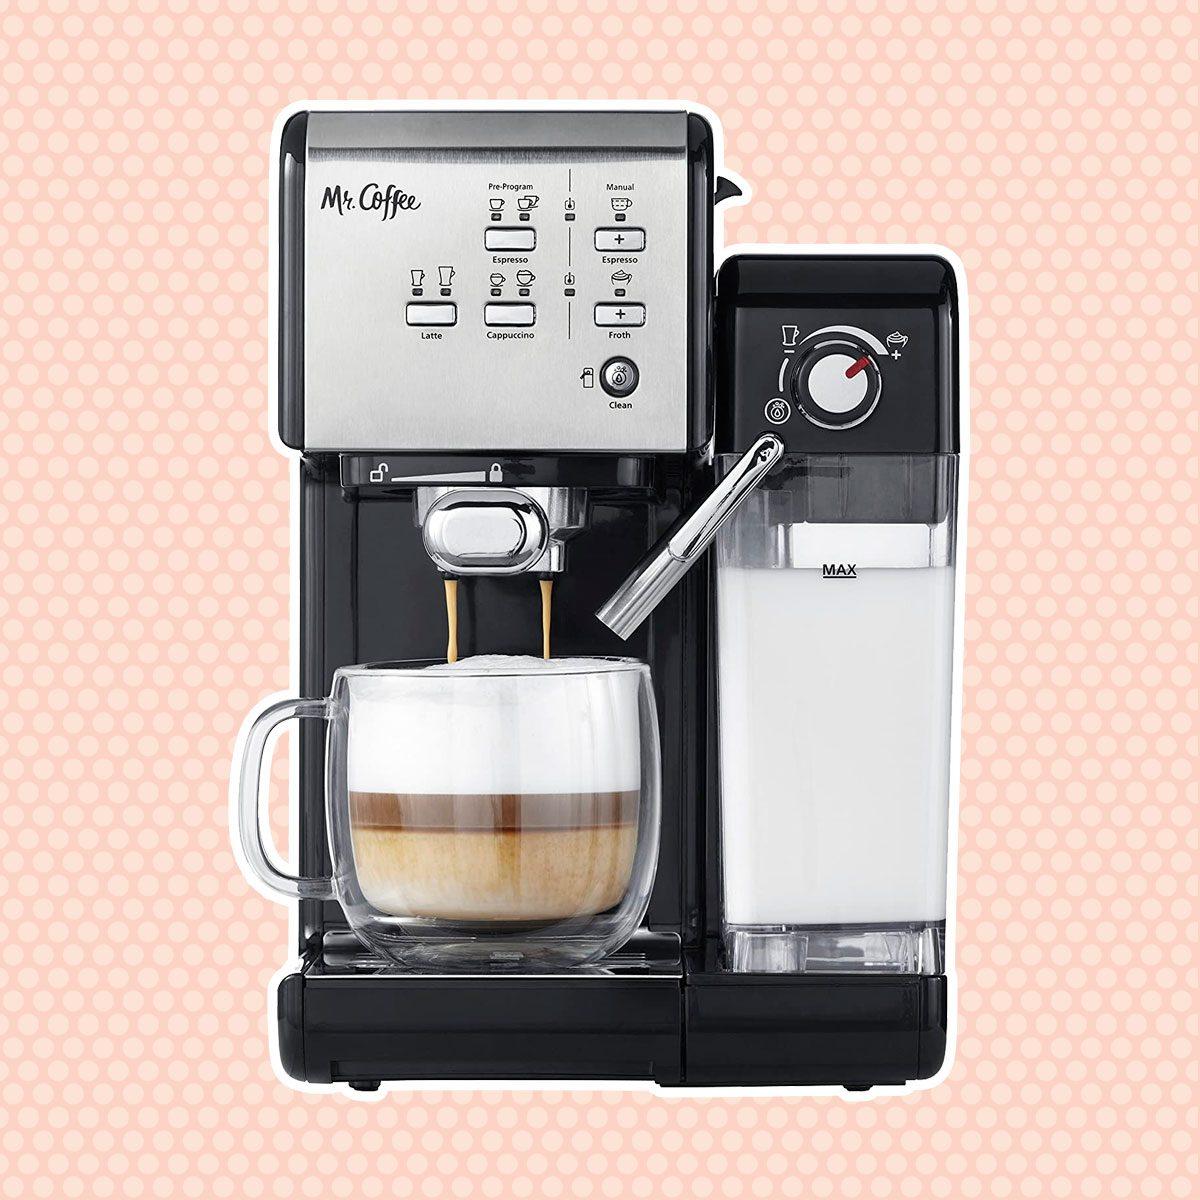 Mr. Coffee Espresso Maker and Cappuccino Machine